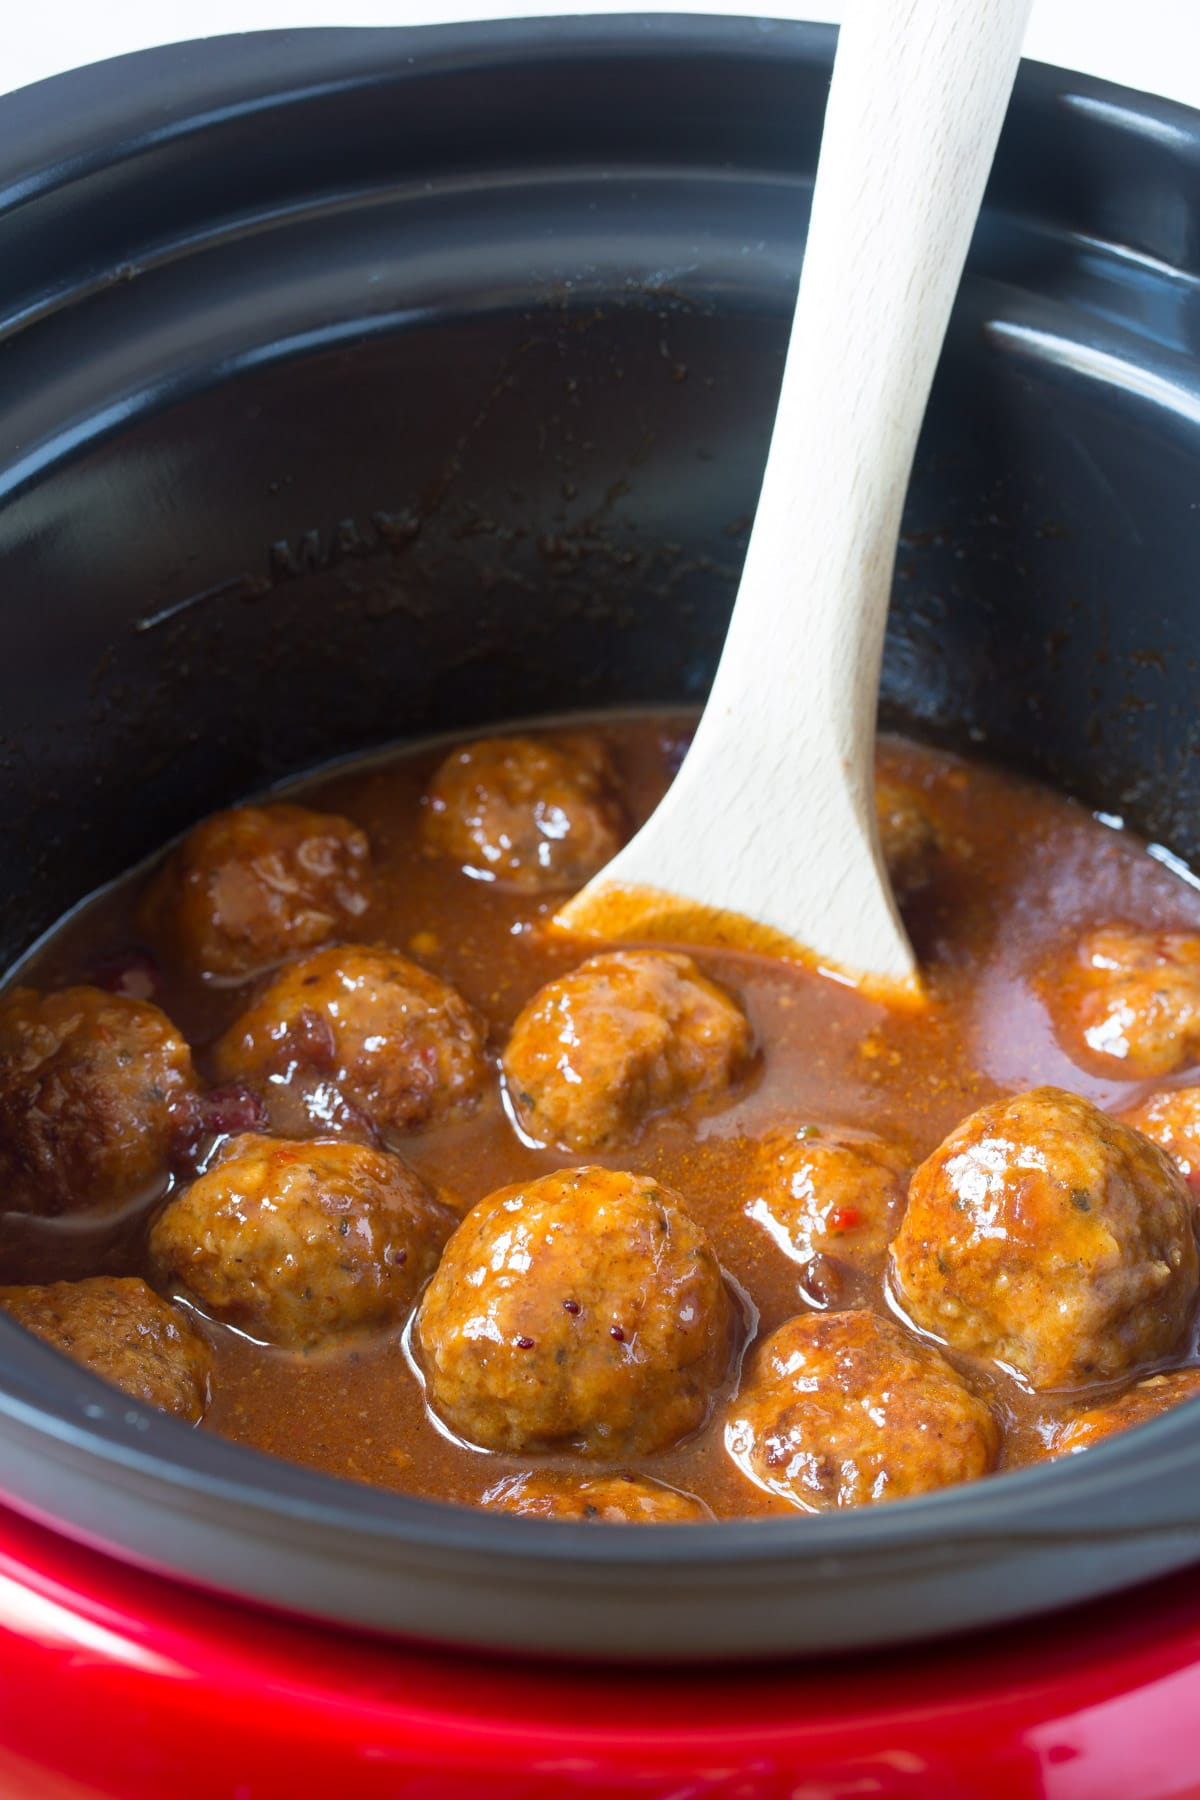 Easy Slow Cooker Cocktail Meatballs Recipe - (Crock Pot Meatballs) #ASpicyPerspective #meatballs #slowcooker #crockpot #meatballs